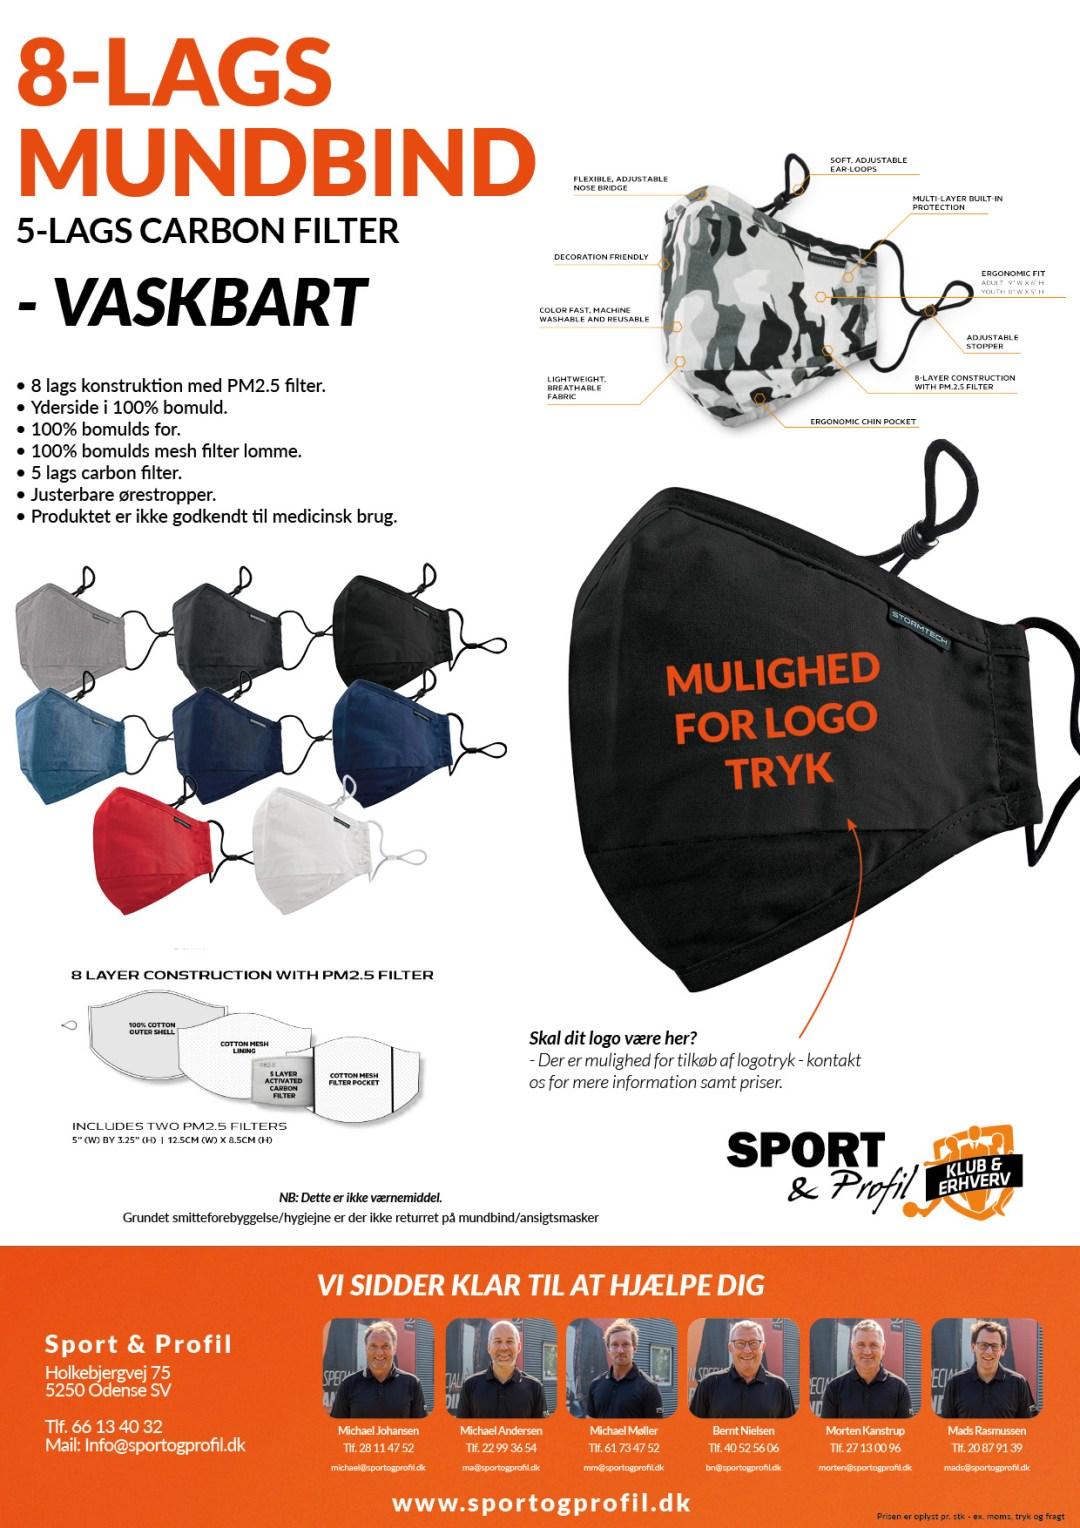 8-lags mundbind der har et 5-lags carbon filter fra Sport & Profil